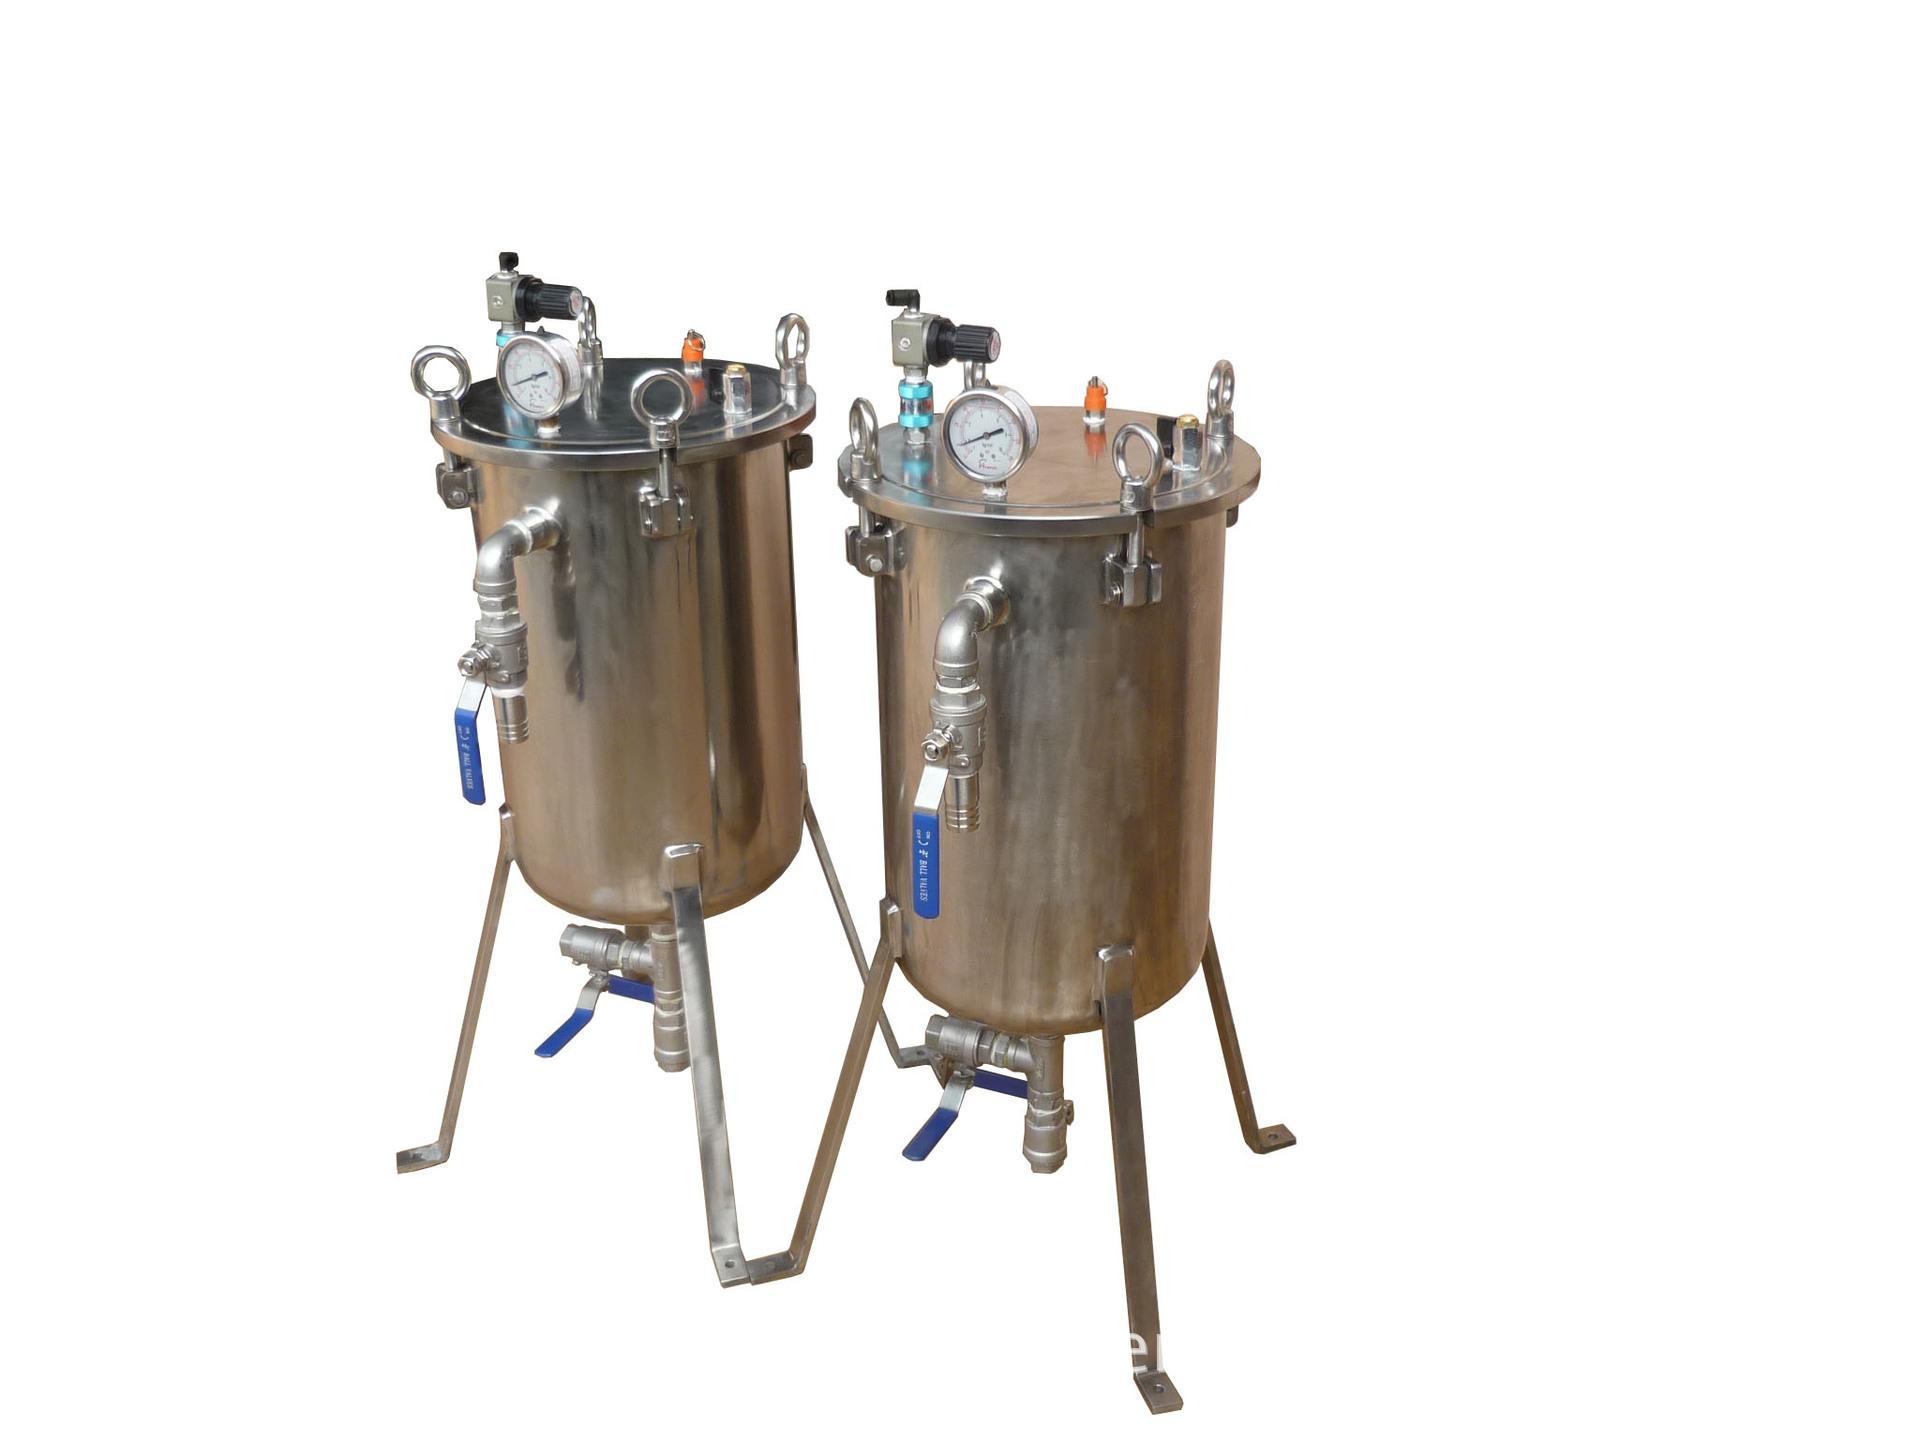 供应不锈钢压力桶,灌胶机料桶,